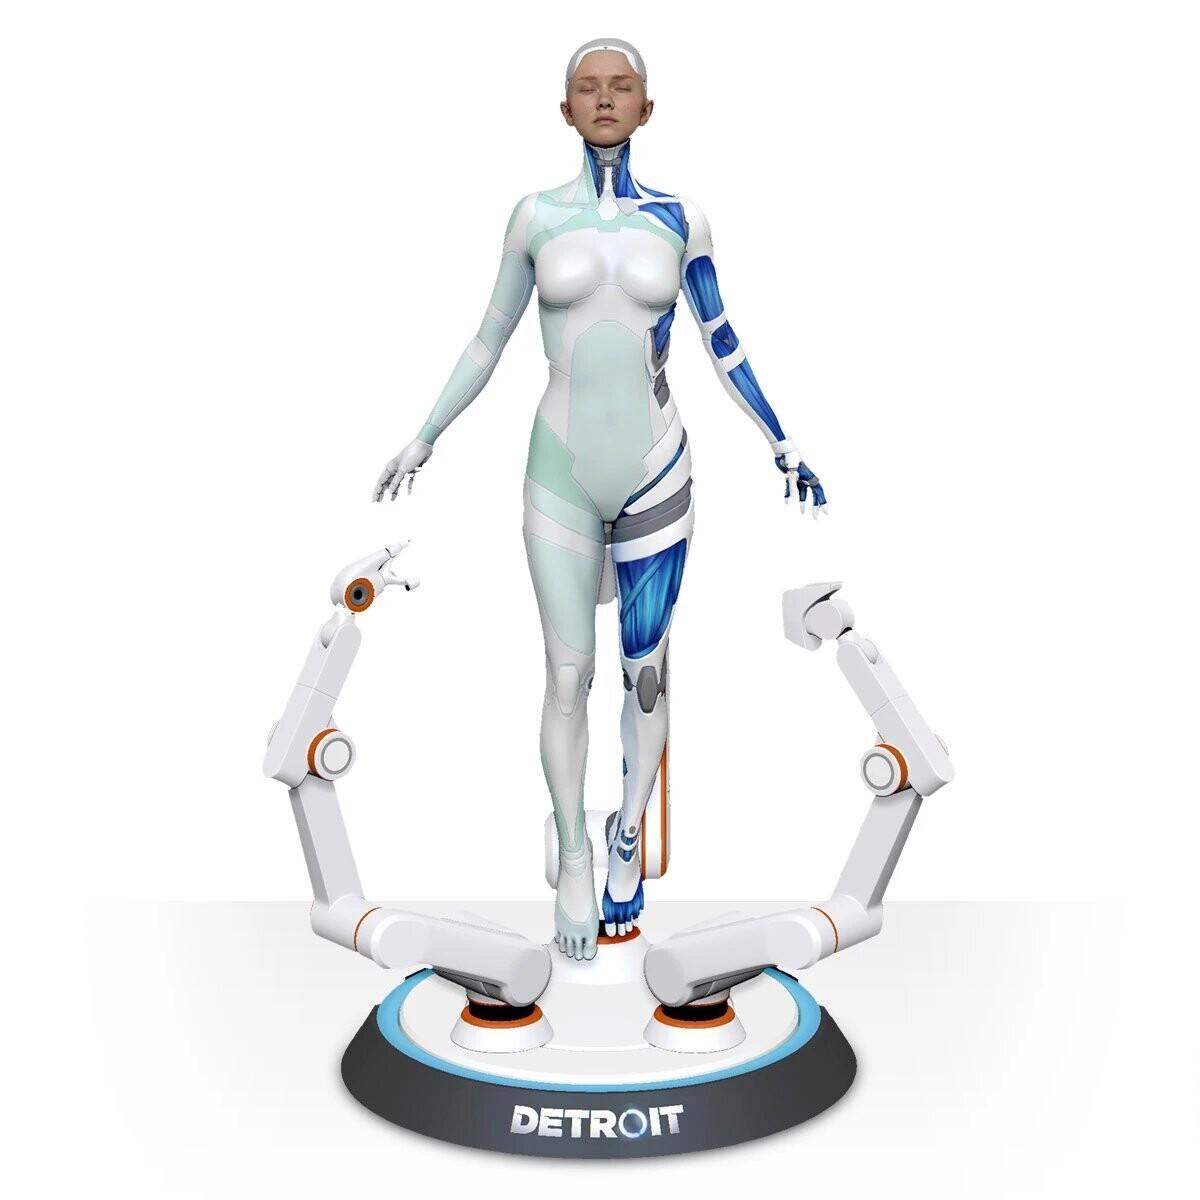 Коллекционное издание Detroit: Become Human стало доступно для PC